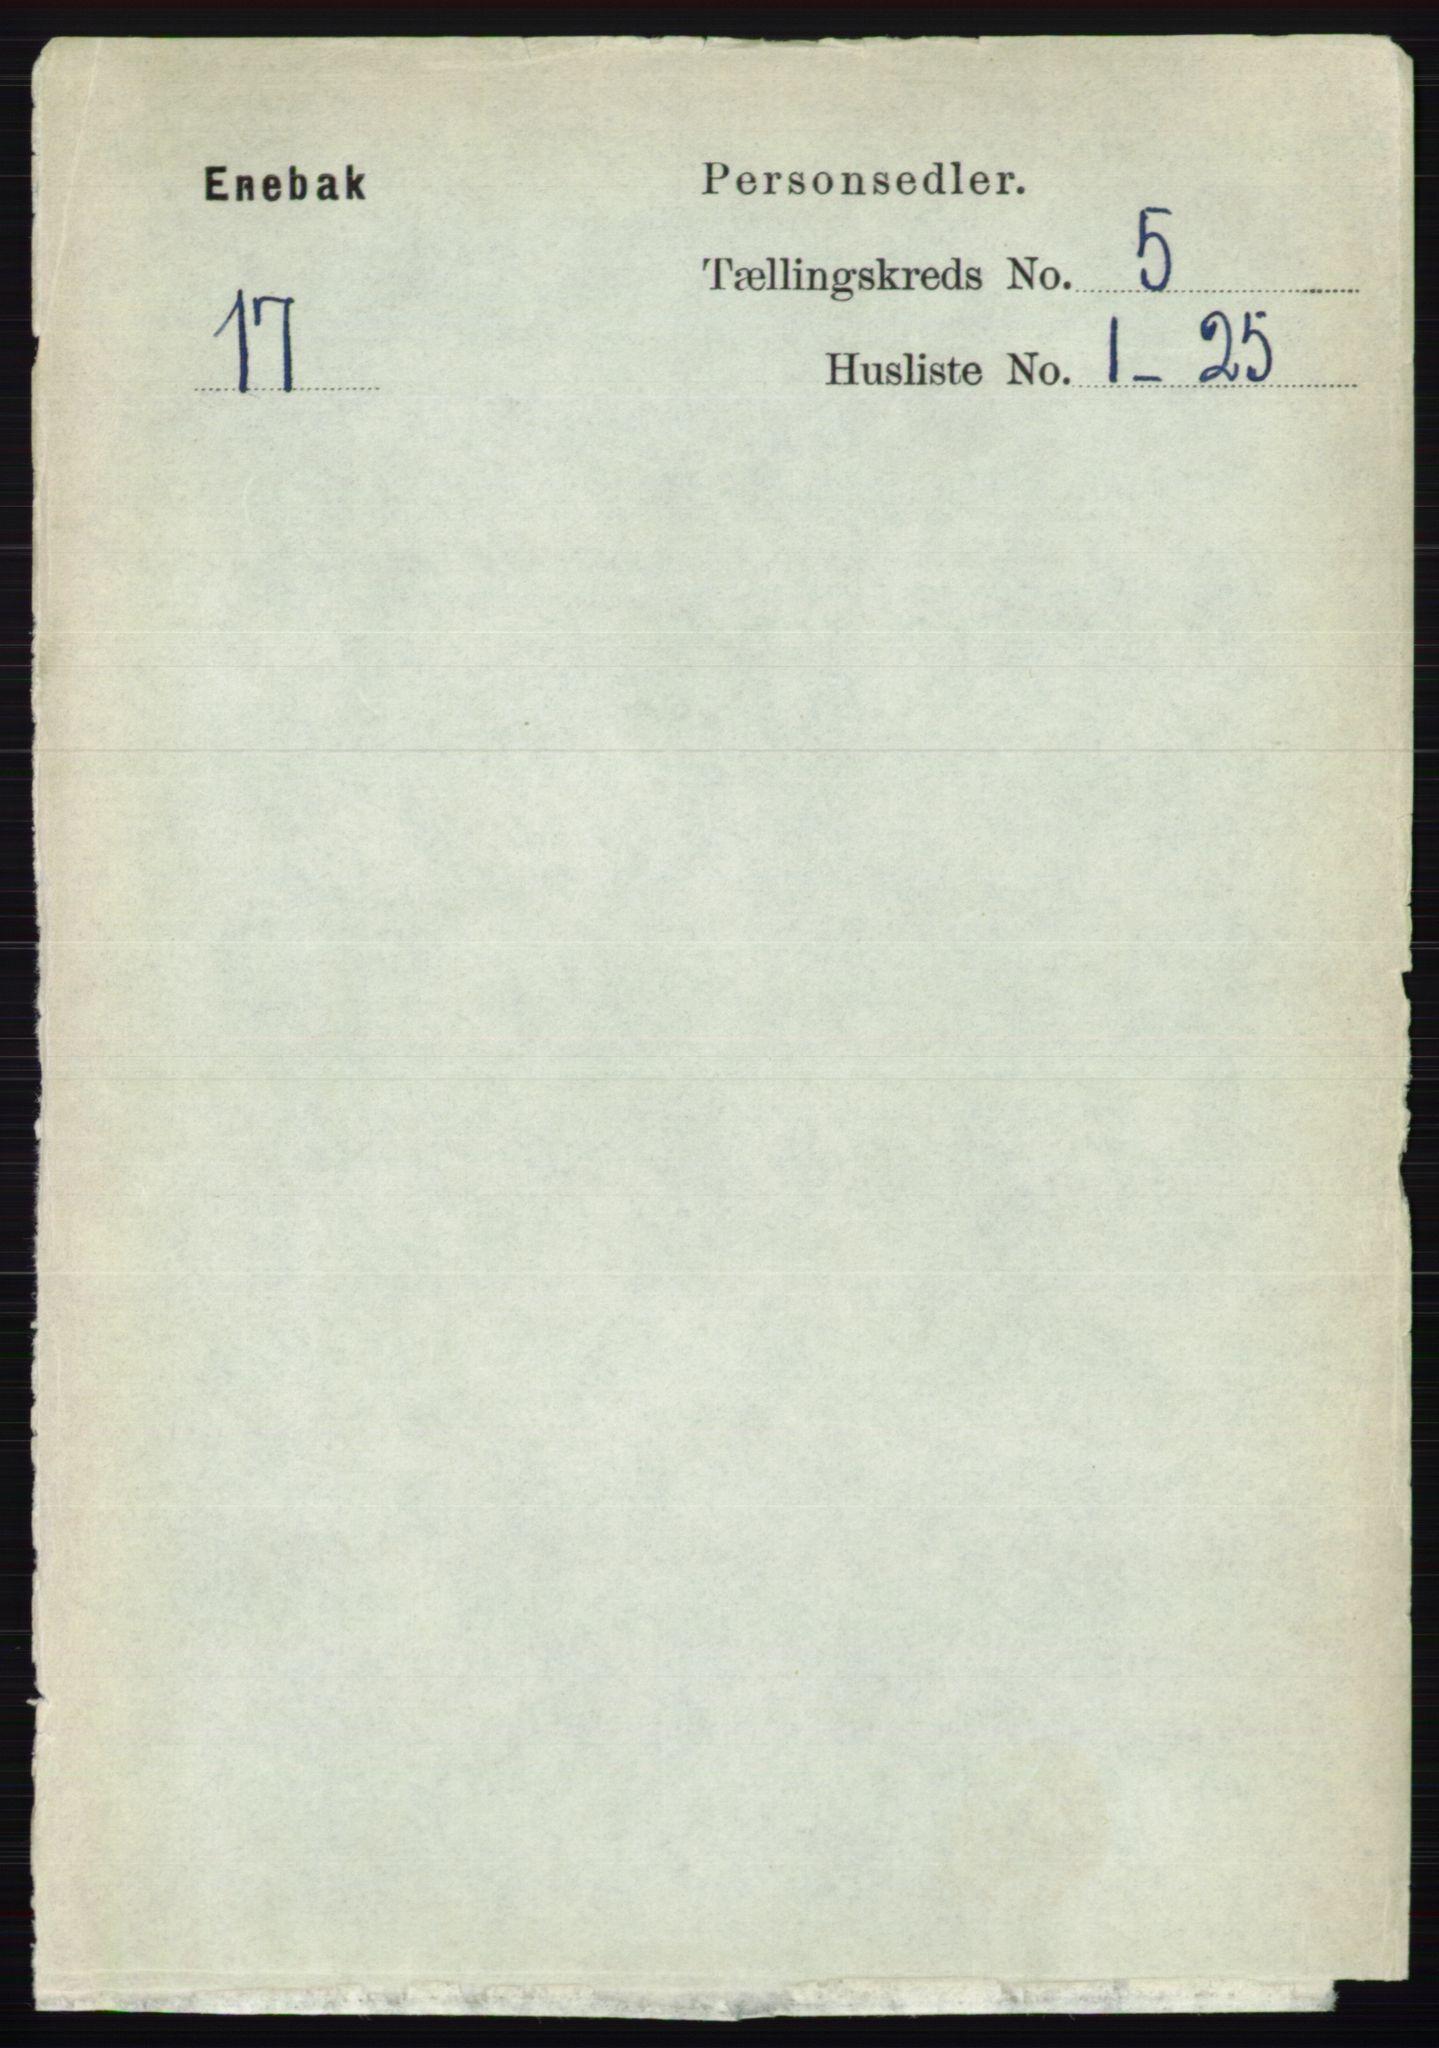 RA, Folketelling 1891 for 0229 Enebakk herred, 1891, s. 1974